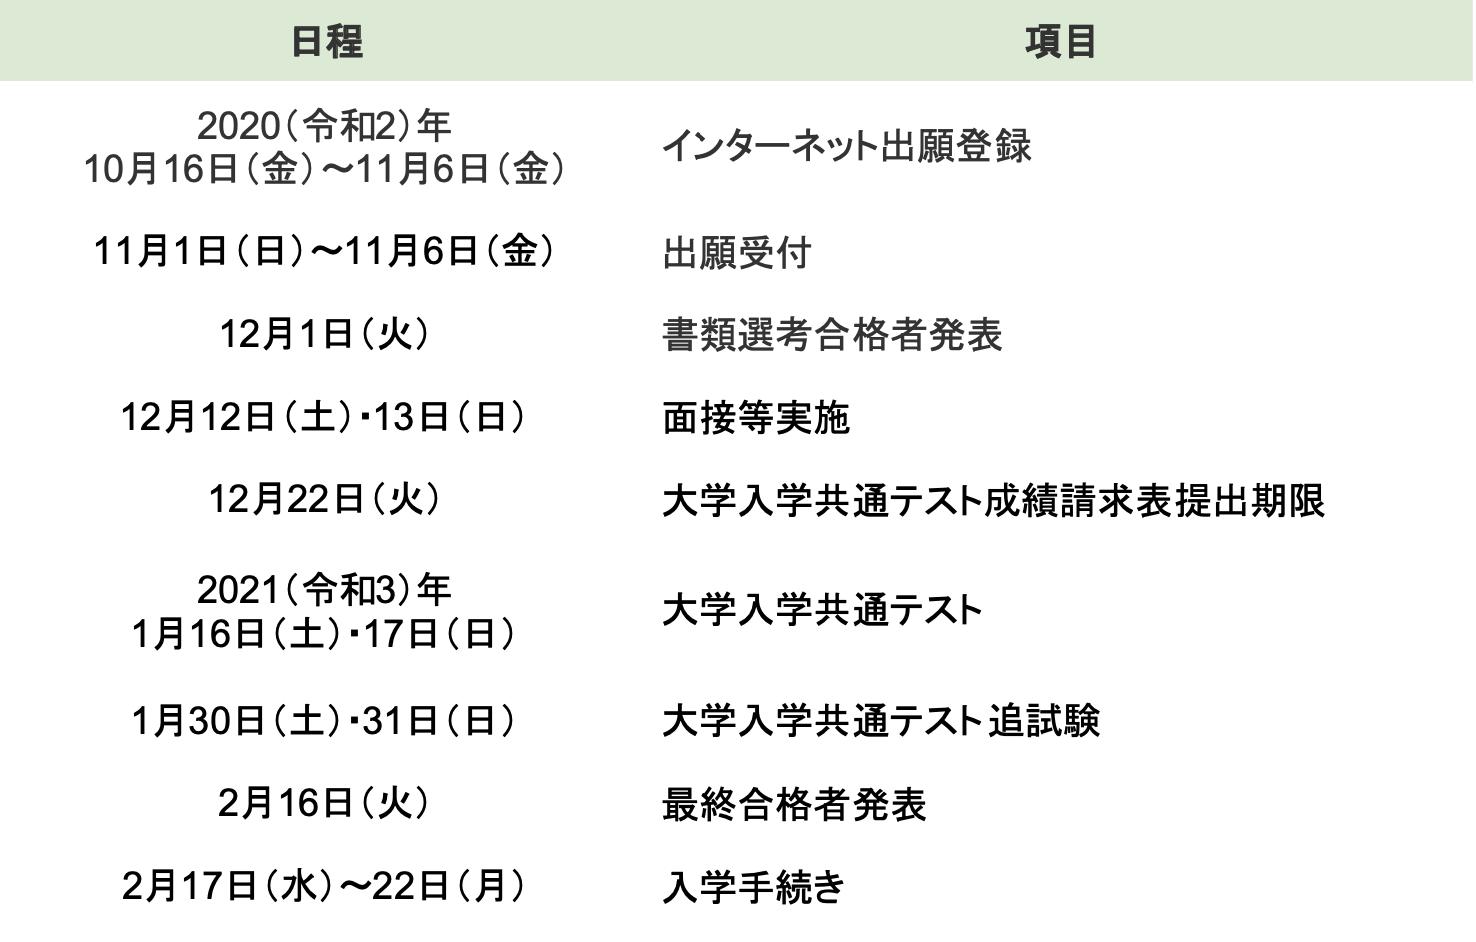 日 大学 国 公立 試験 国公立大学個別試験(2次試験)